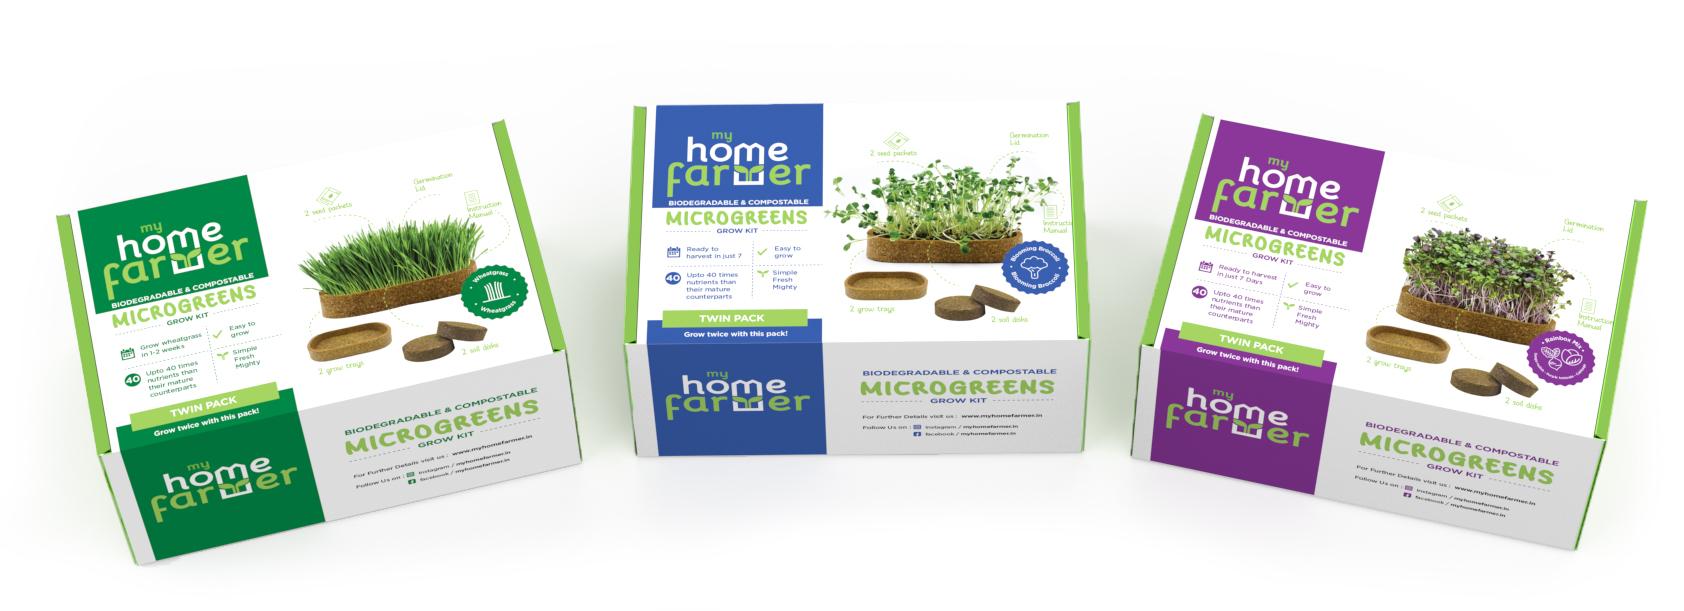 Brand & Packaging Design for Grow Kit - MyHomeFarmer Variants